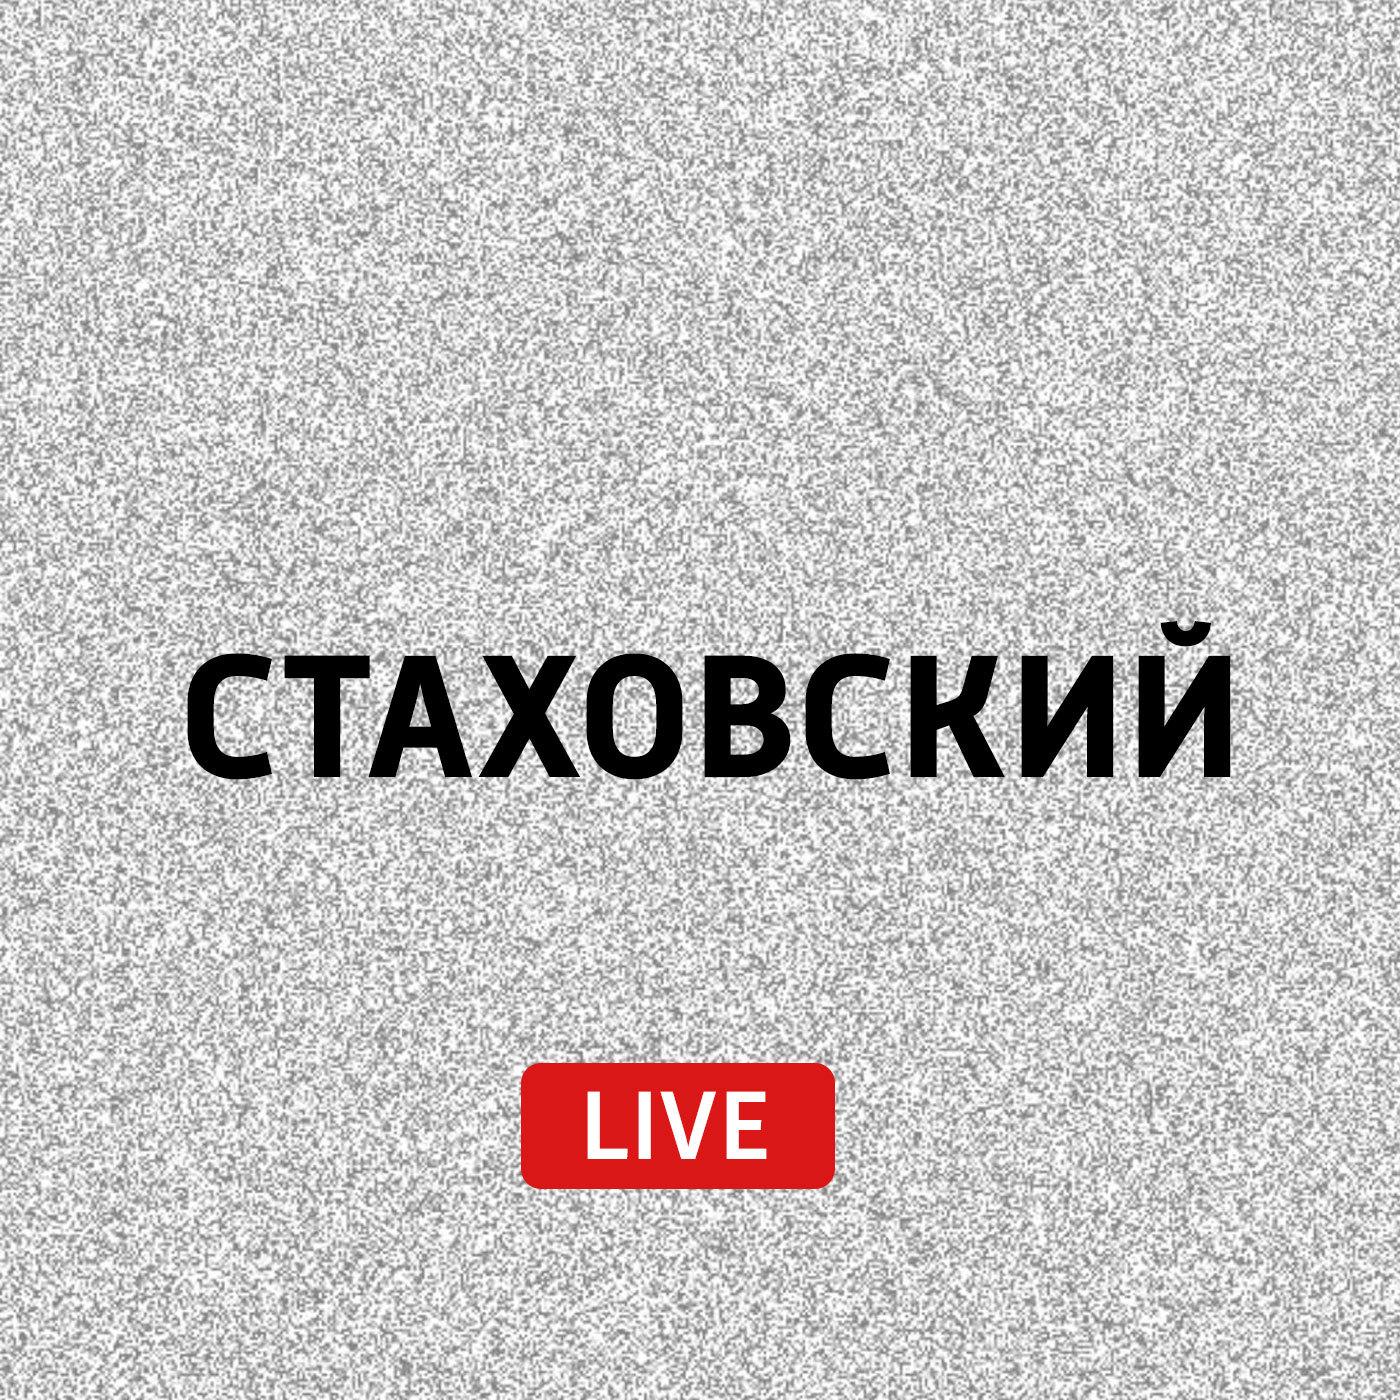 Евгений Стаховский Рейтинг значимых событий 2017 года по версии Стаховского рейтинг ноутбуков 2010 года